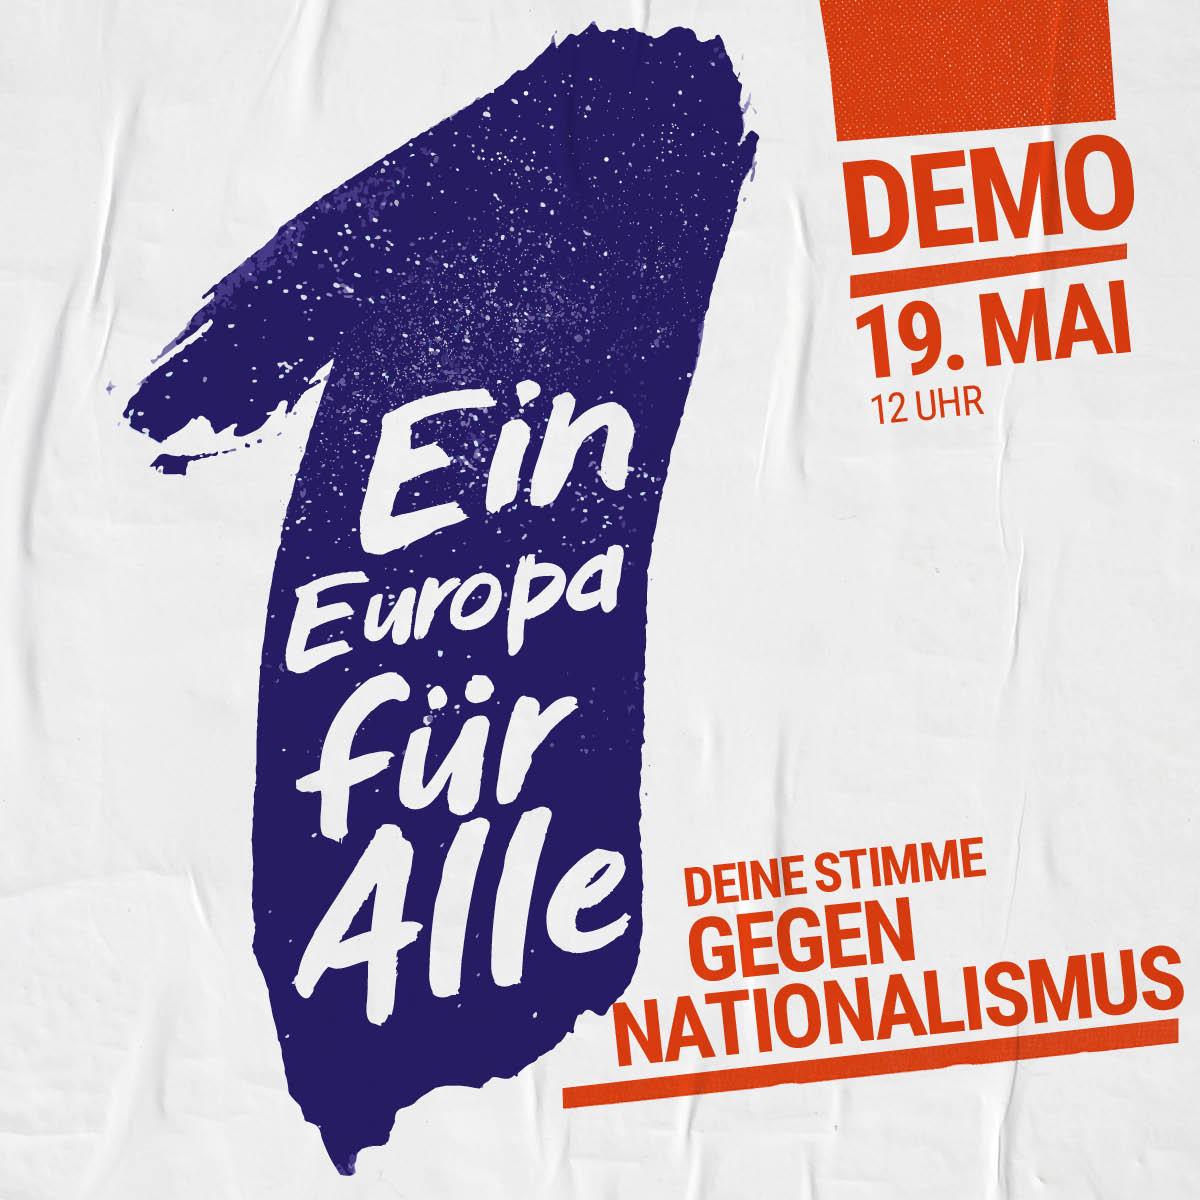 1EuropaFürAlleDemo